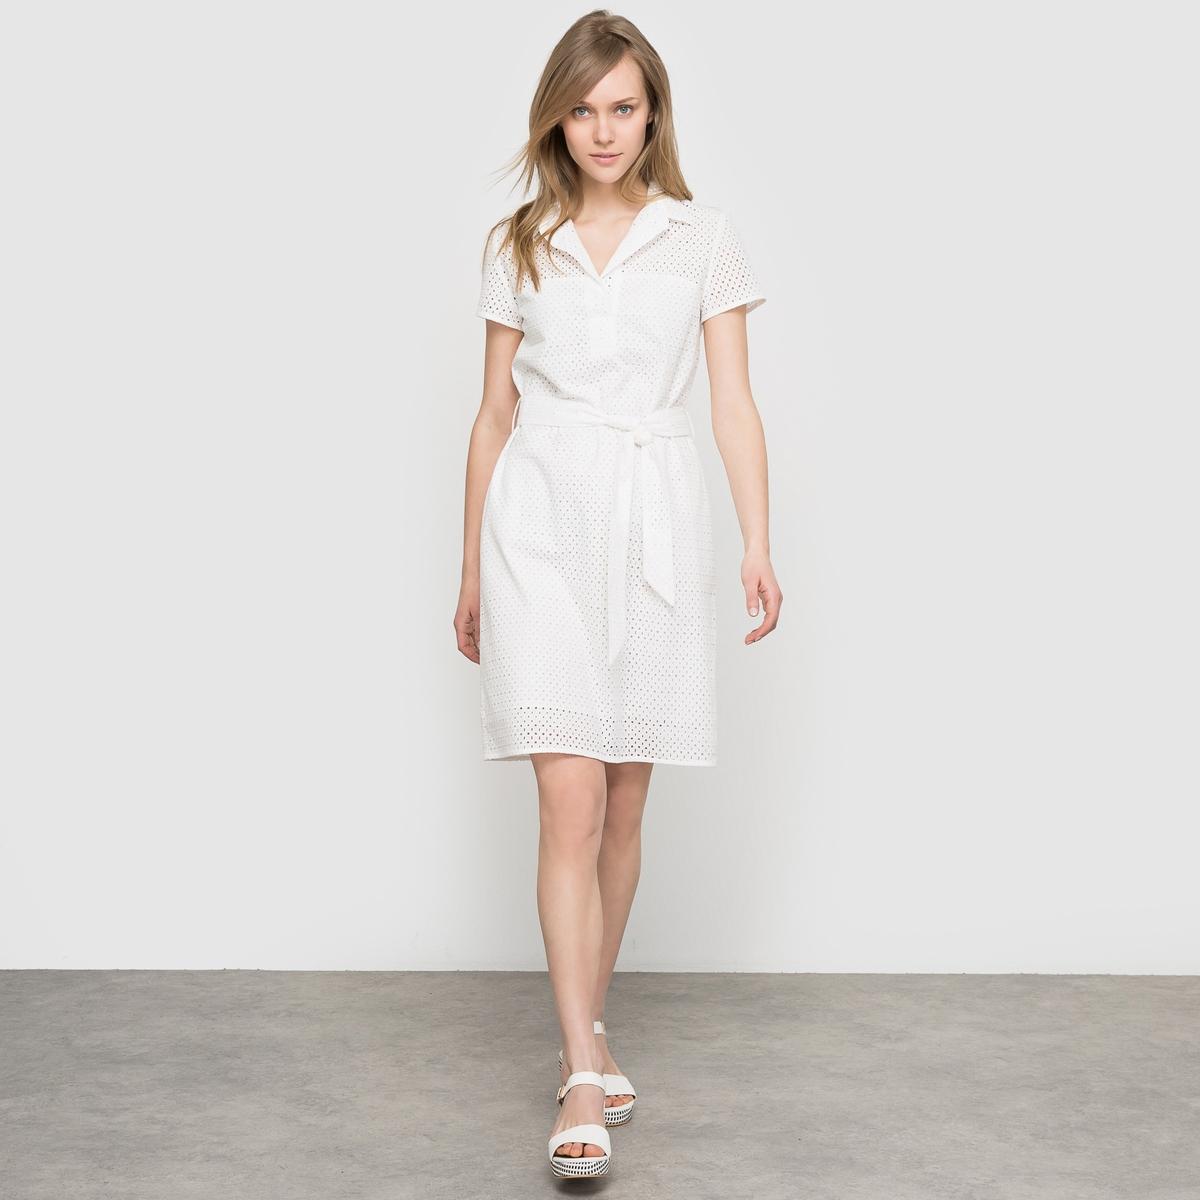 Платье-футляр с английской вышивкойПлатье-футляр с английской вышивкой, короткие рукава. Рубашечный воротник. Пояс завязывается, со шлевками. Застежка на пуговицы в тон. Длина 95 см.                                                                               Состав и описание                                                      Материал: 100% хлопка                                                      Подкладка: 100% хлопка                Уход                                                     Машинная стирка: при 40°С                                                                                      Гладить: с изнаночной стороны<br><br>Цвет: экрю<br>Размер: 46 (FR) - 52 (RUS).42 (FR) - 48 (RUS)